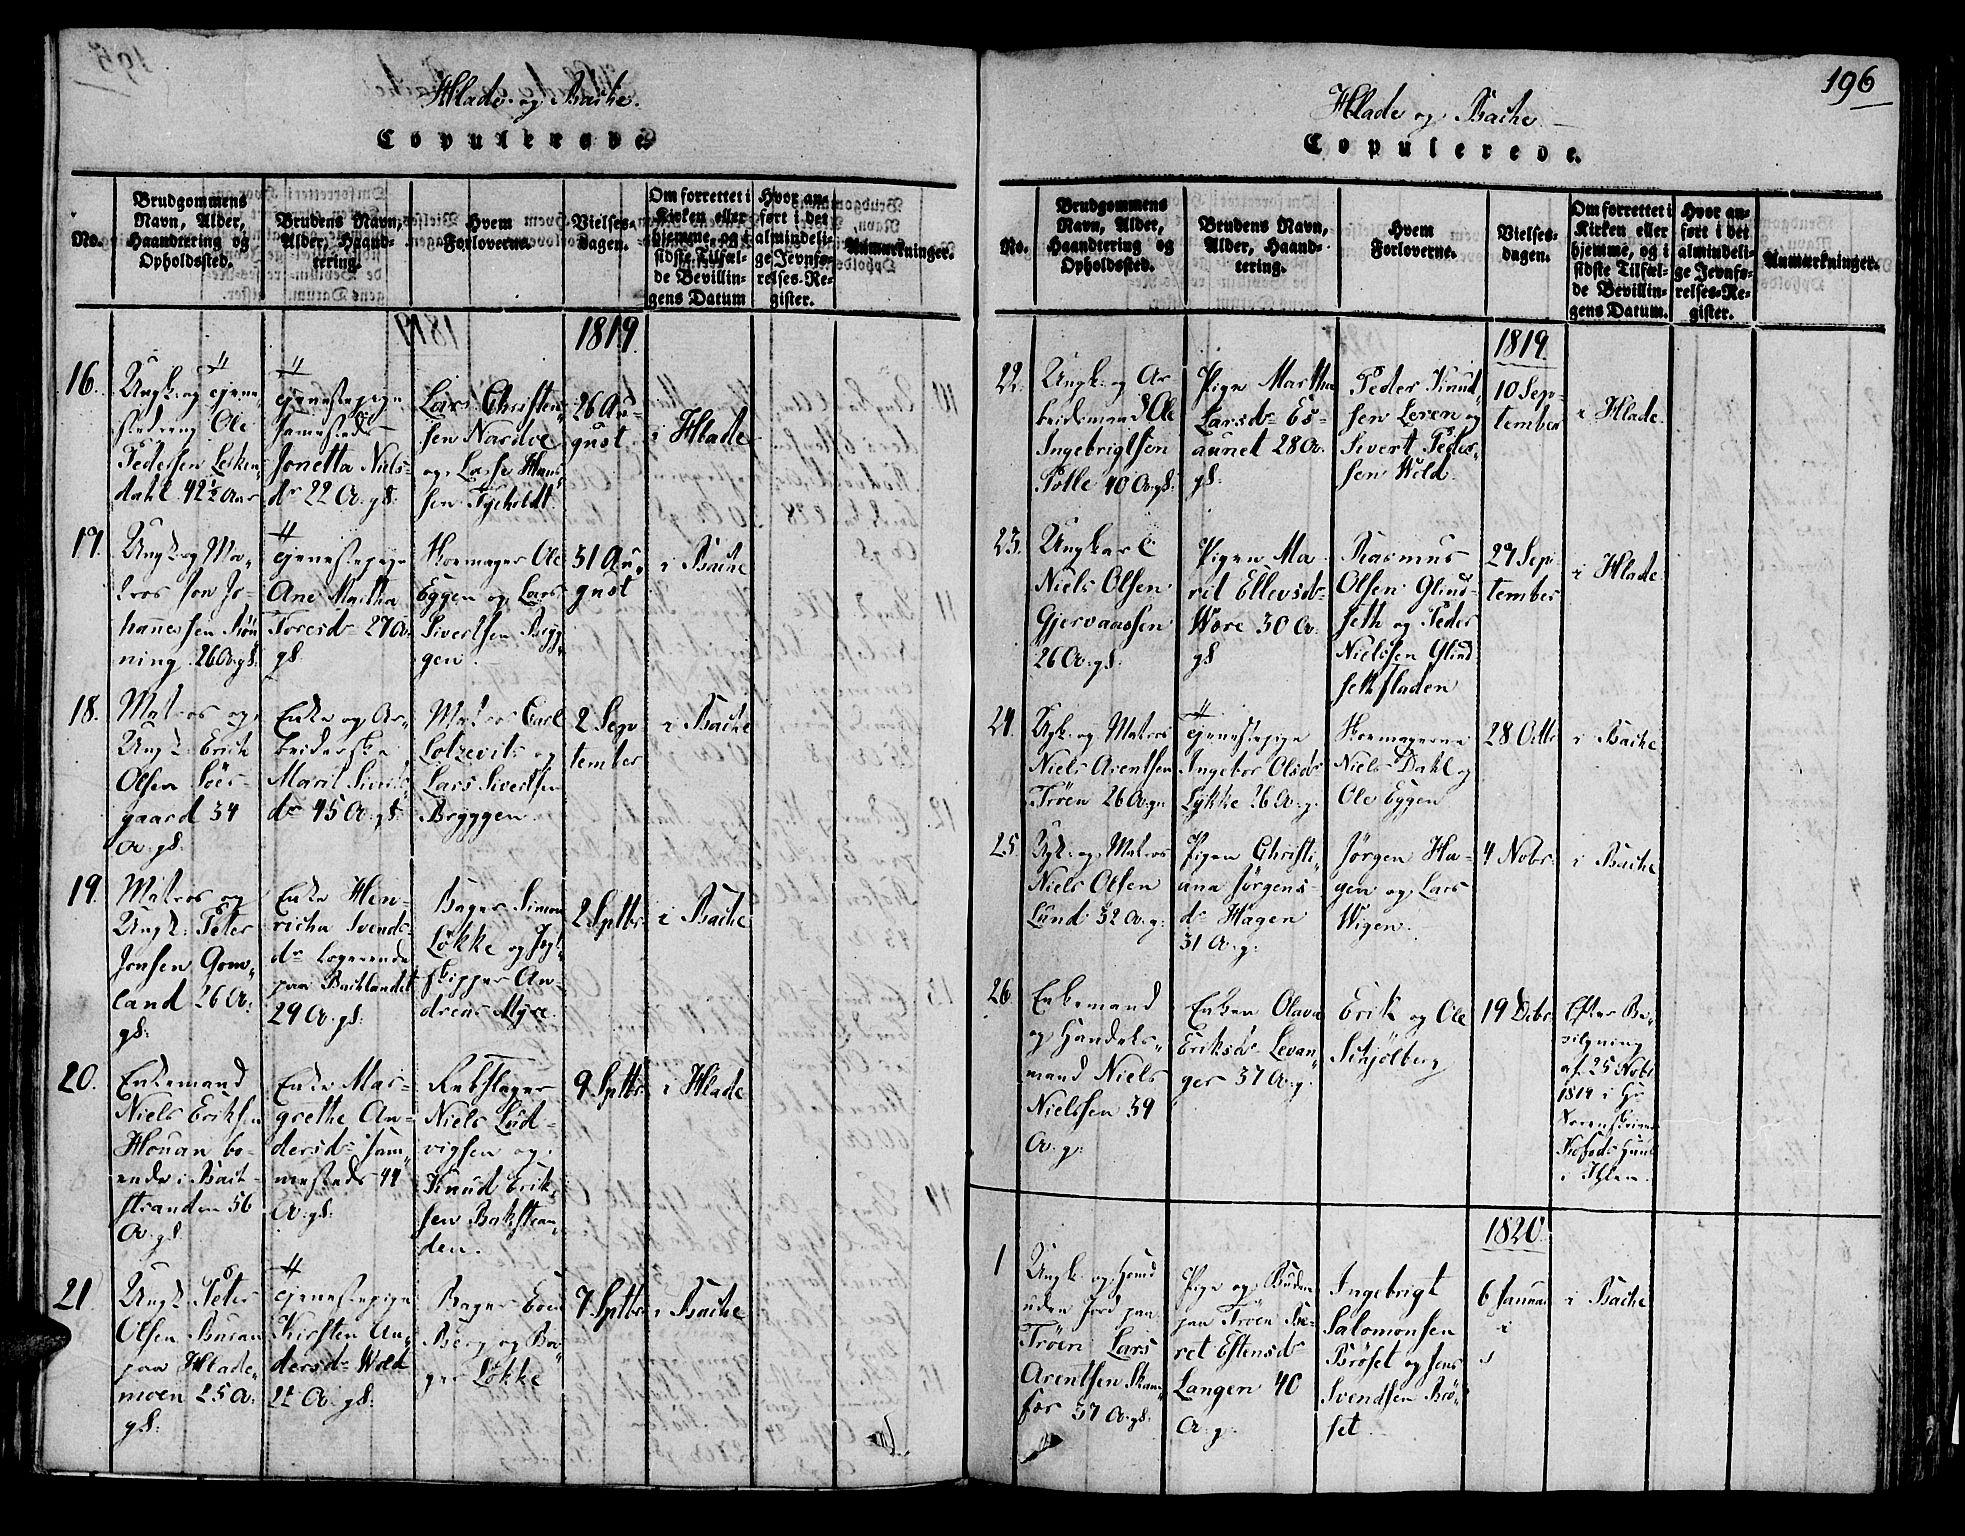 SAT, Ministerialprotokoller, klokkerbøker og fødselsregistre - Sør-Trøndelag, 606/L0283: Ministerialbok nr. 606A03 /1, 1818-1823, s. 196